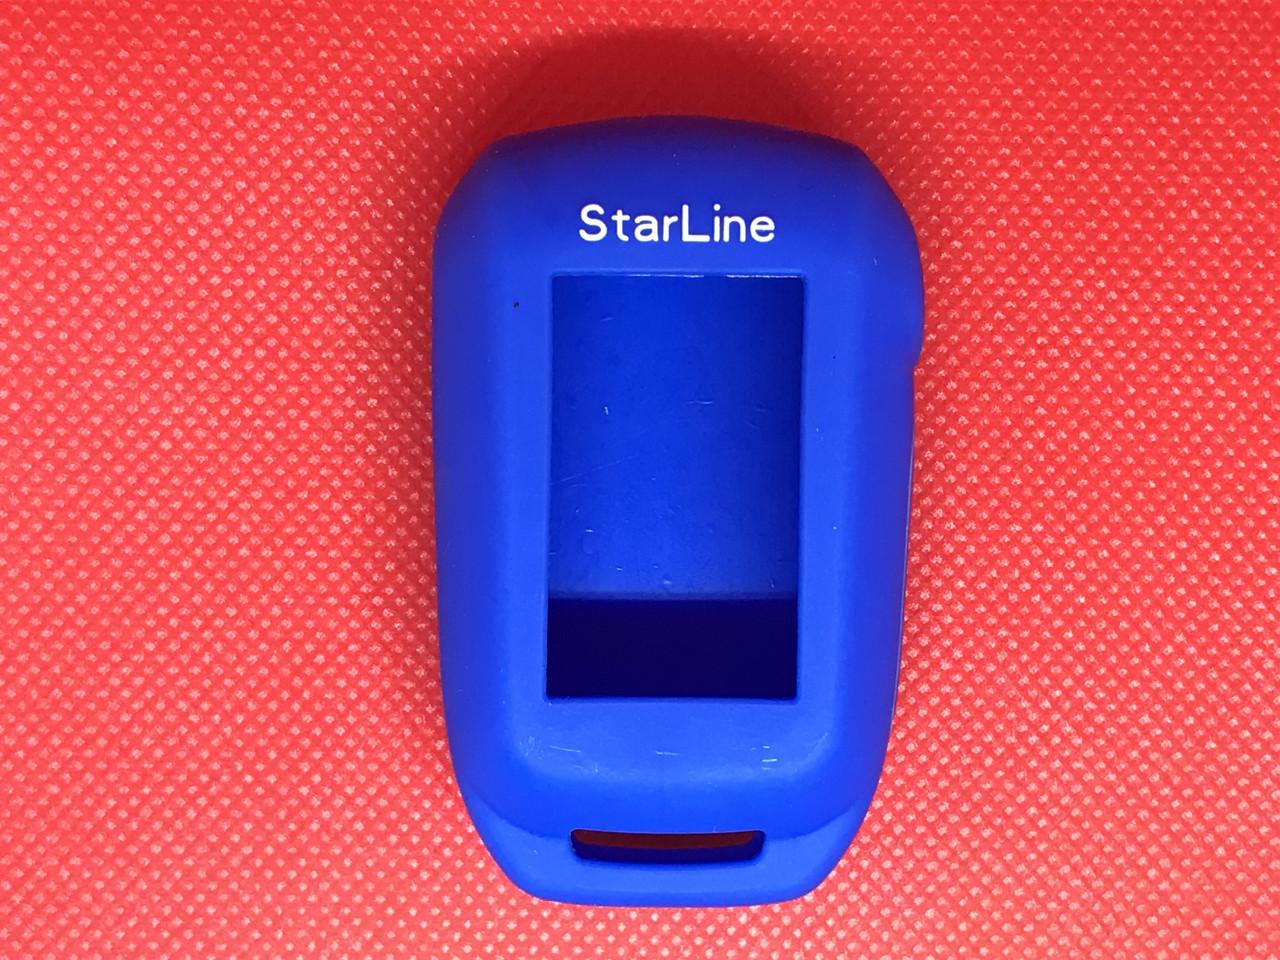 Силиконовый чехол на пульт брелоксигнализации Starline